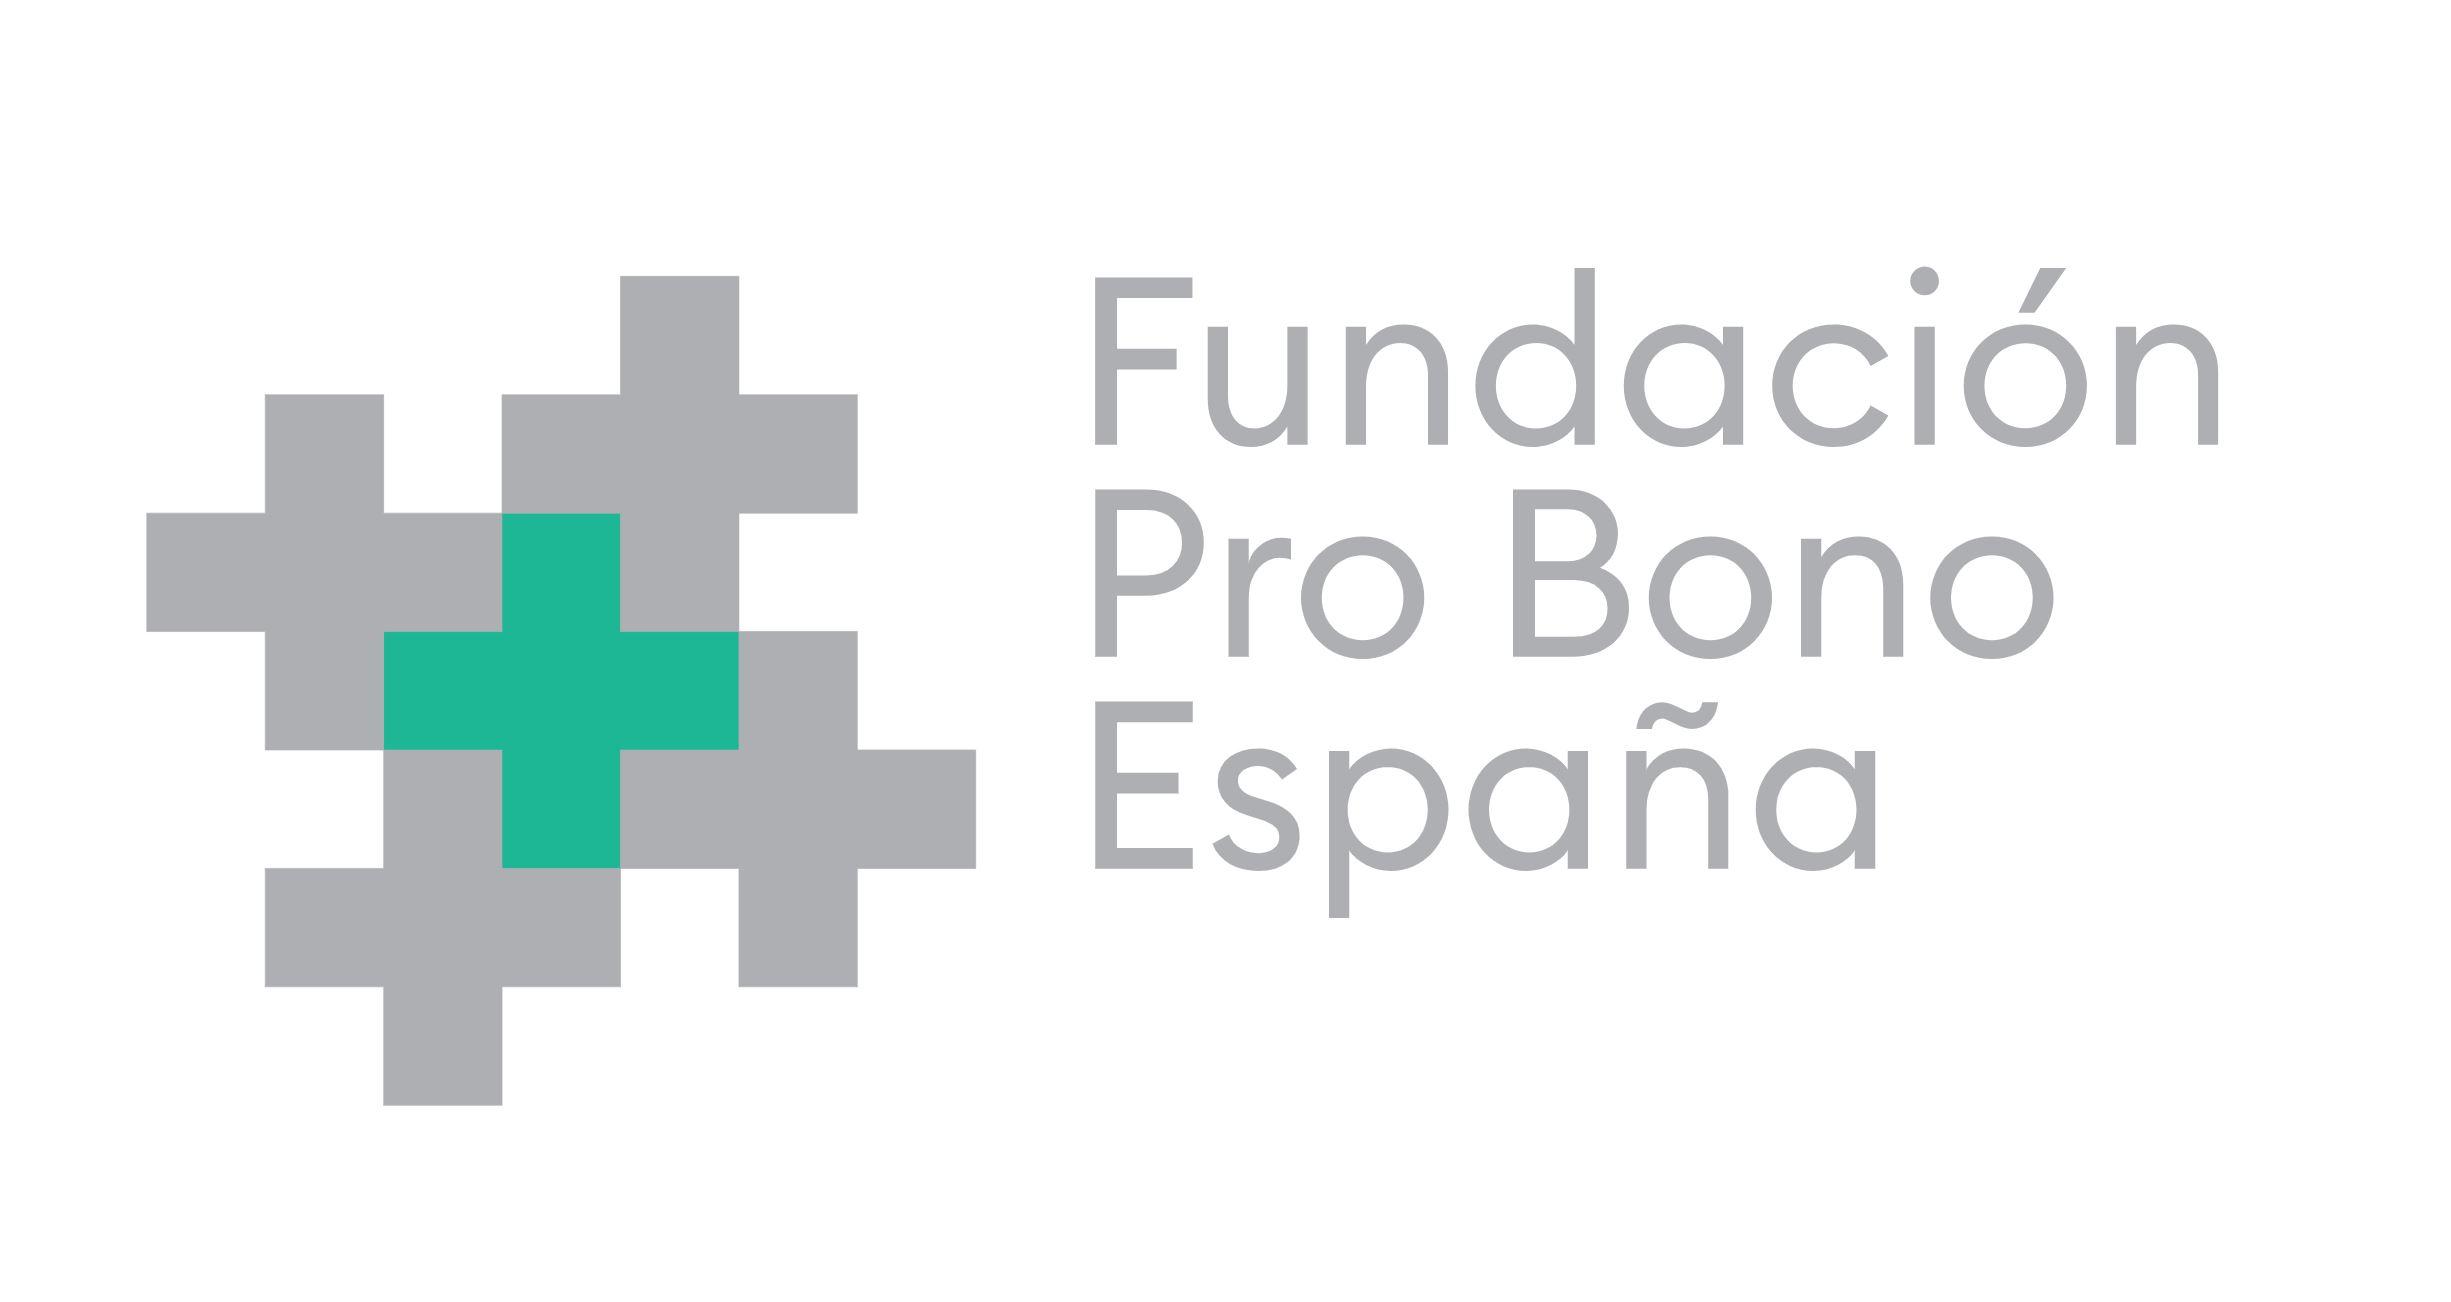 Fundación Pro Bono España